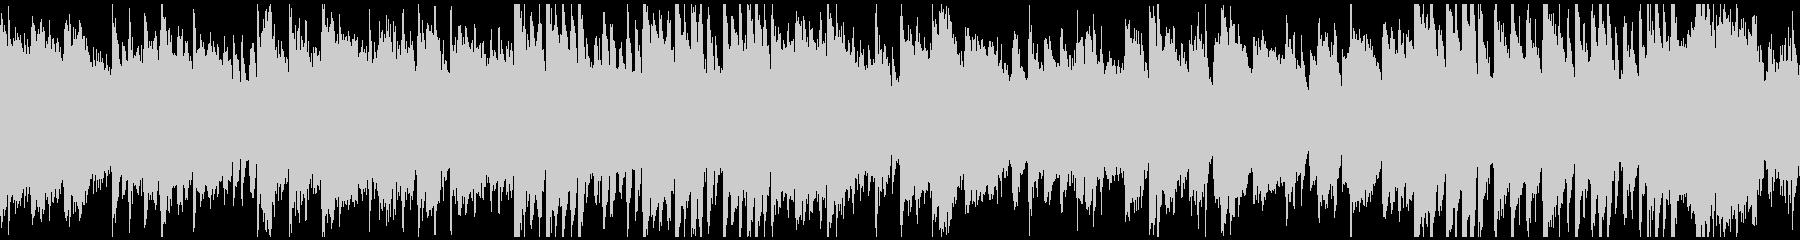 篠笛、ピアノ、和太鼓の曲 ※ループ仕様版の未再生の波形